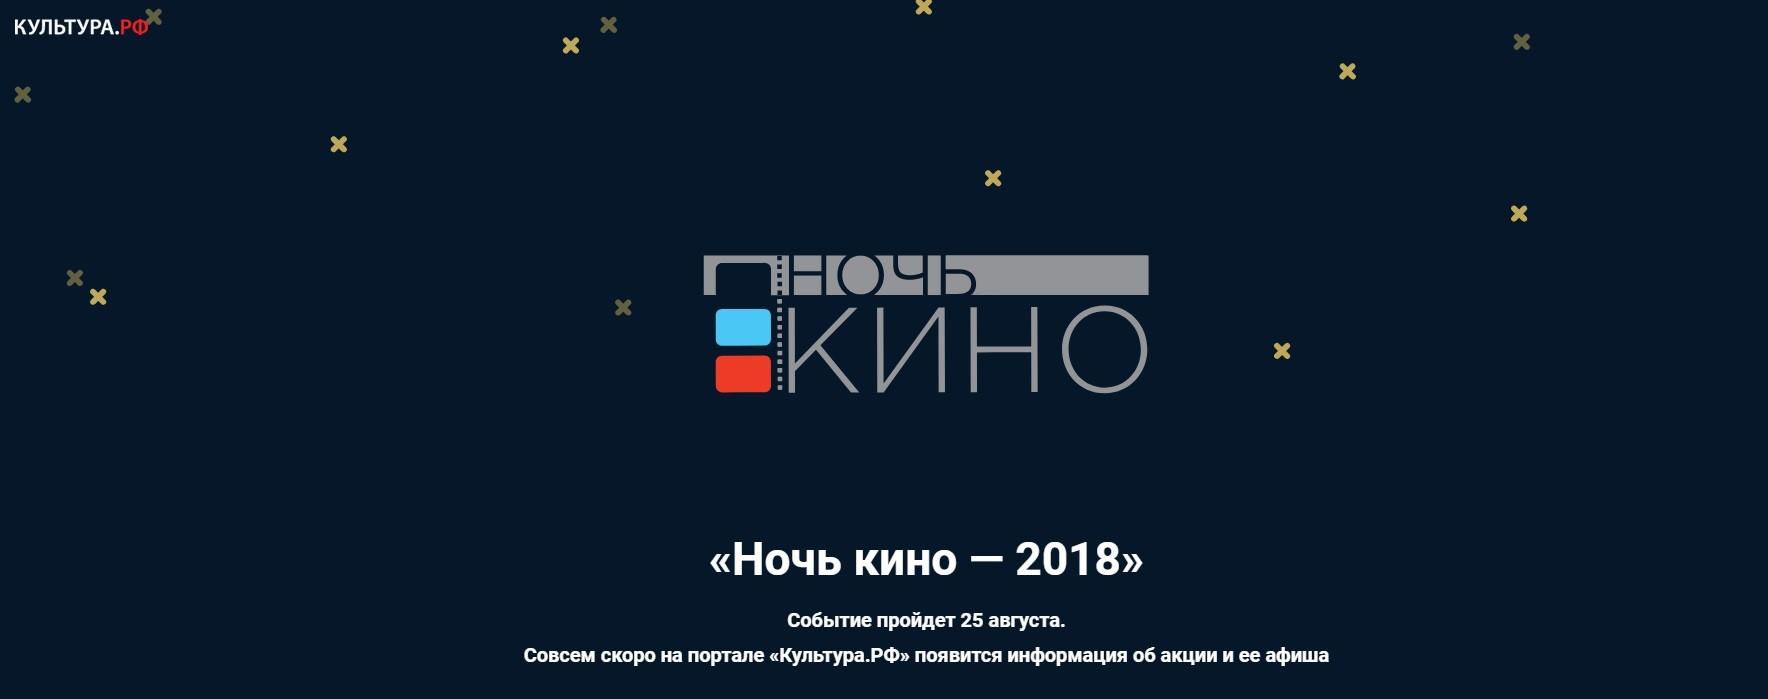 «Ночь кино»: три фильма можно будет посмотреть в парках и площадках Репьевского района.